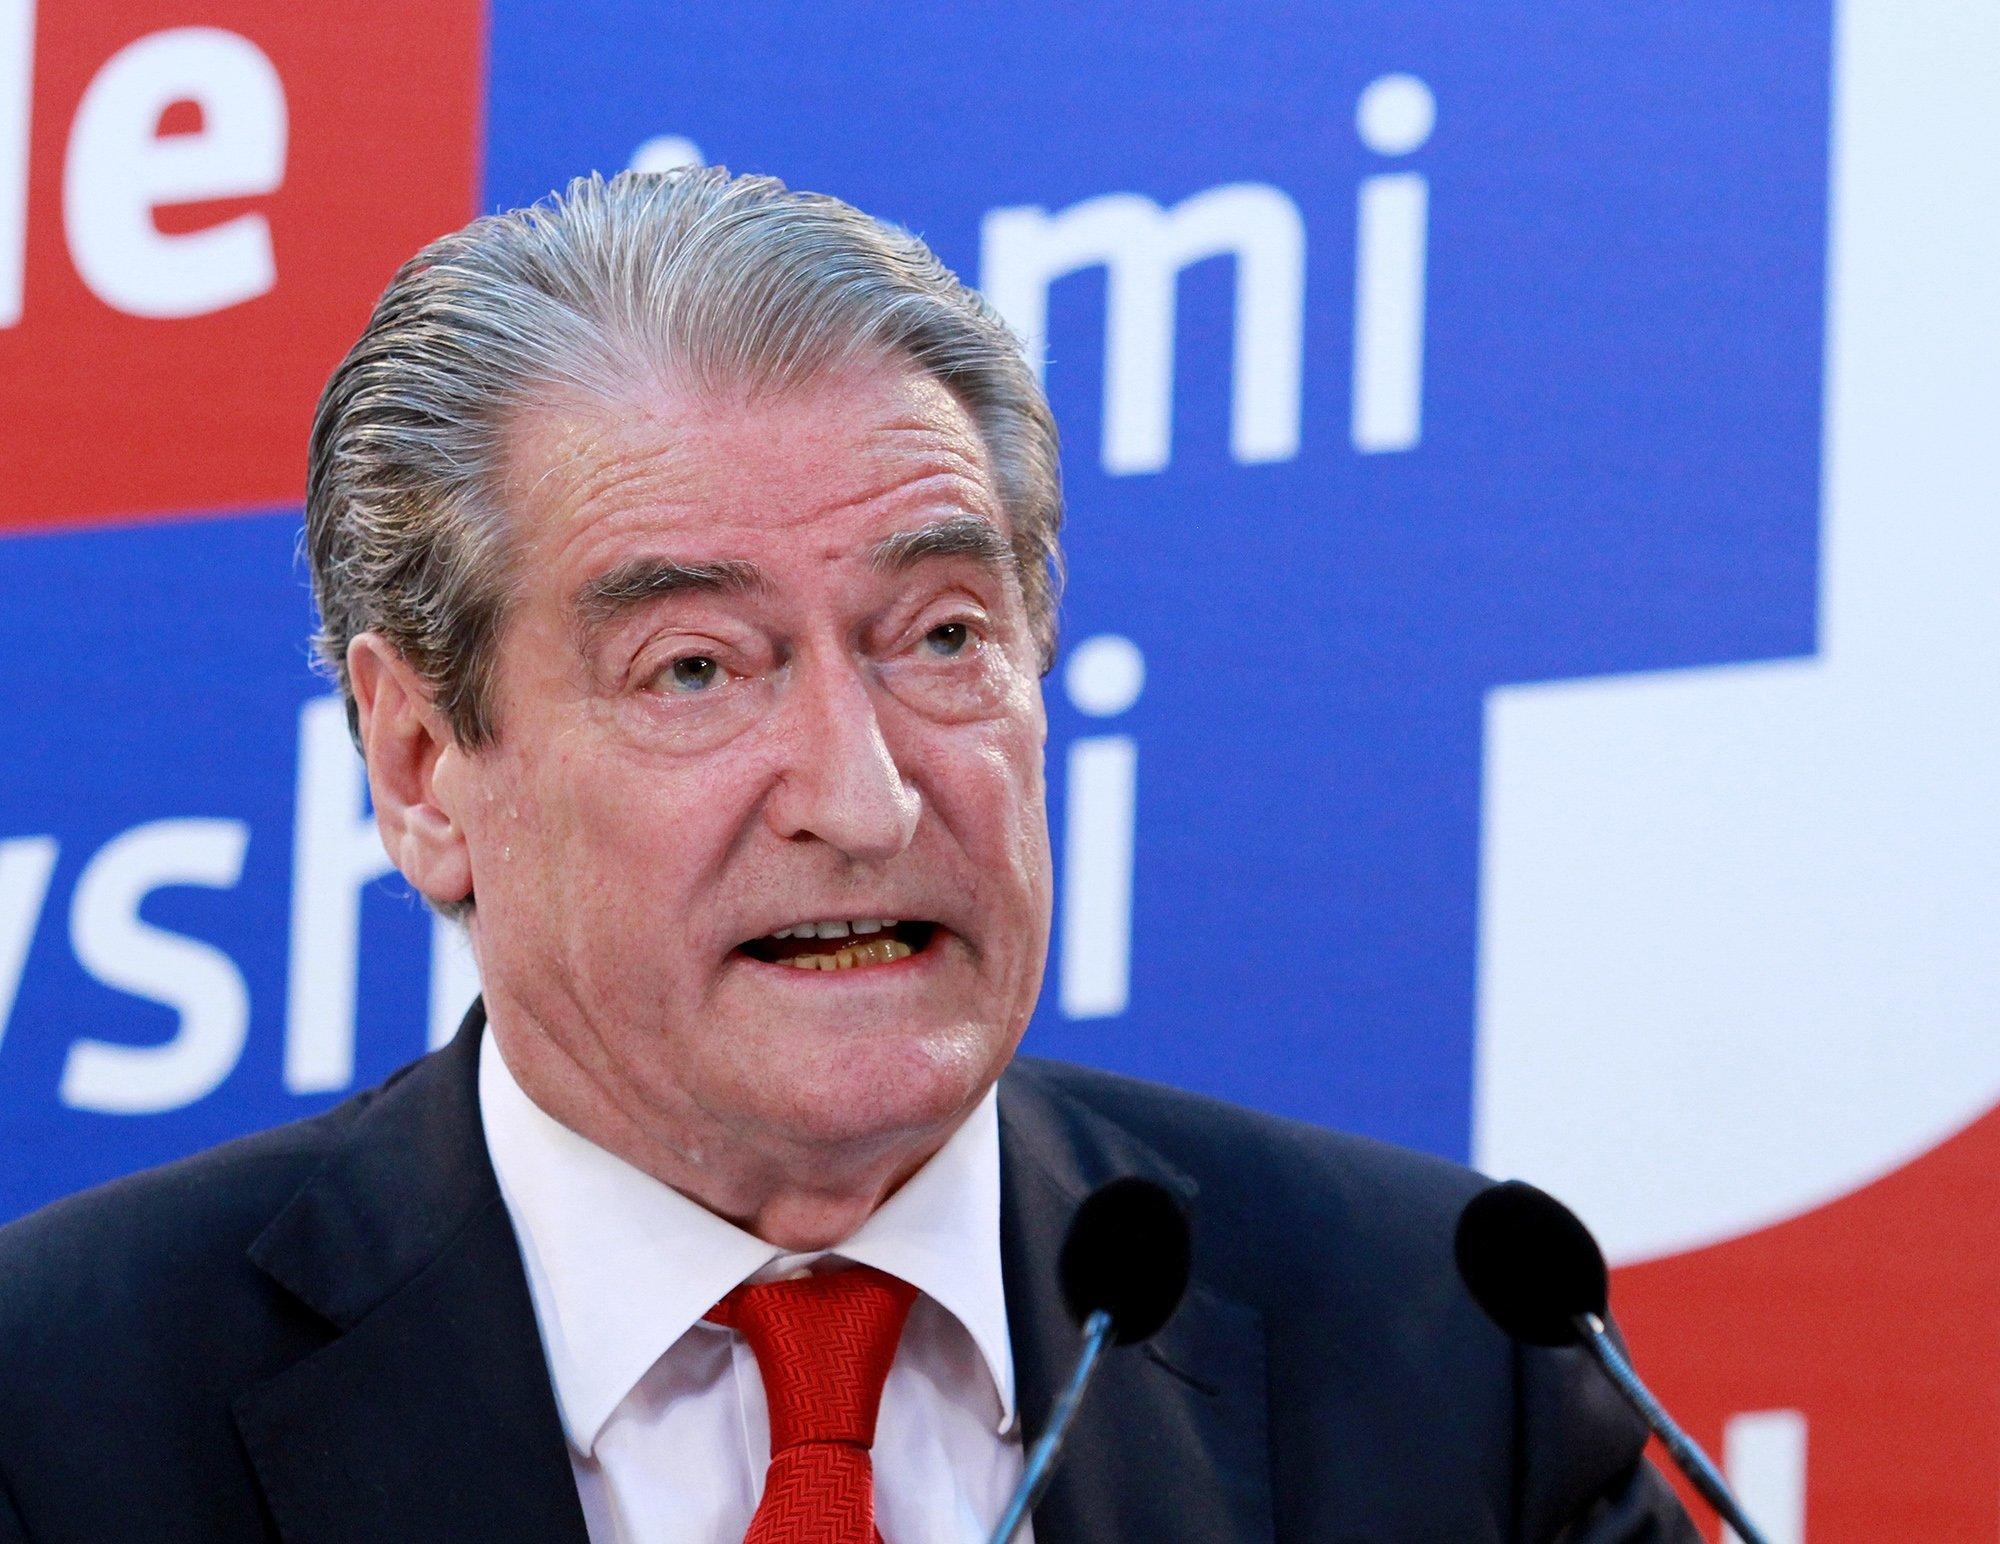 Μπερίσα σε Ράμα: Φύγε πριν να είναι αργά. Ο αλβανικός λαός δεν αντέχει άλλον δικτάτορα